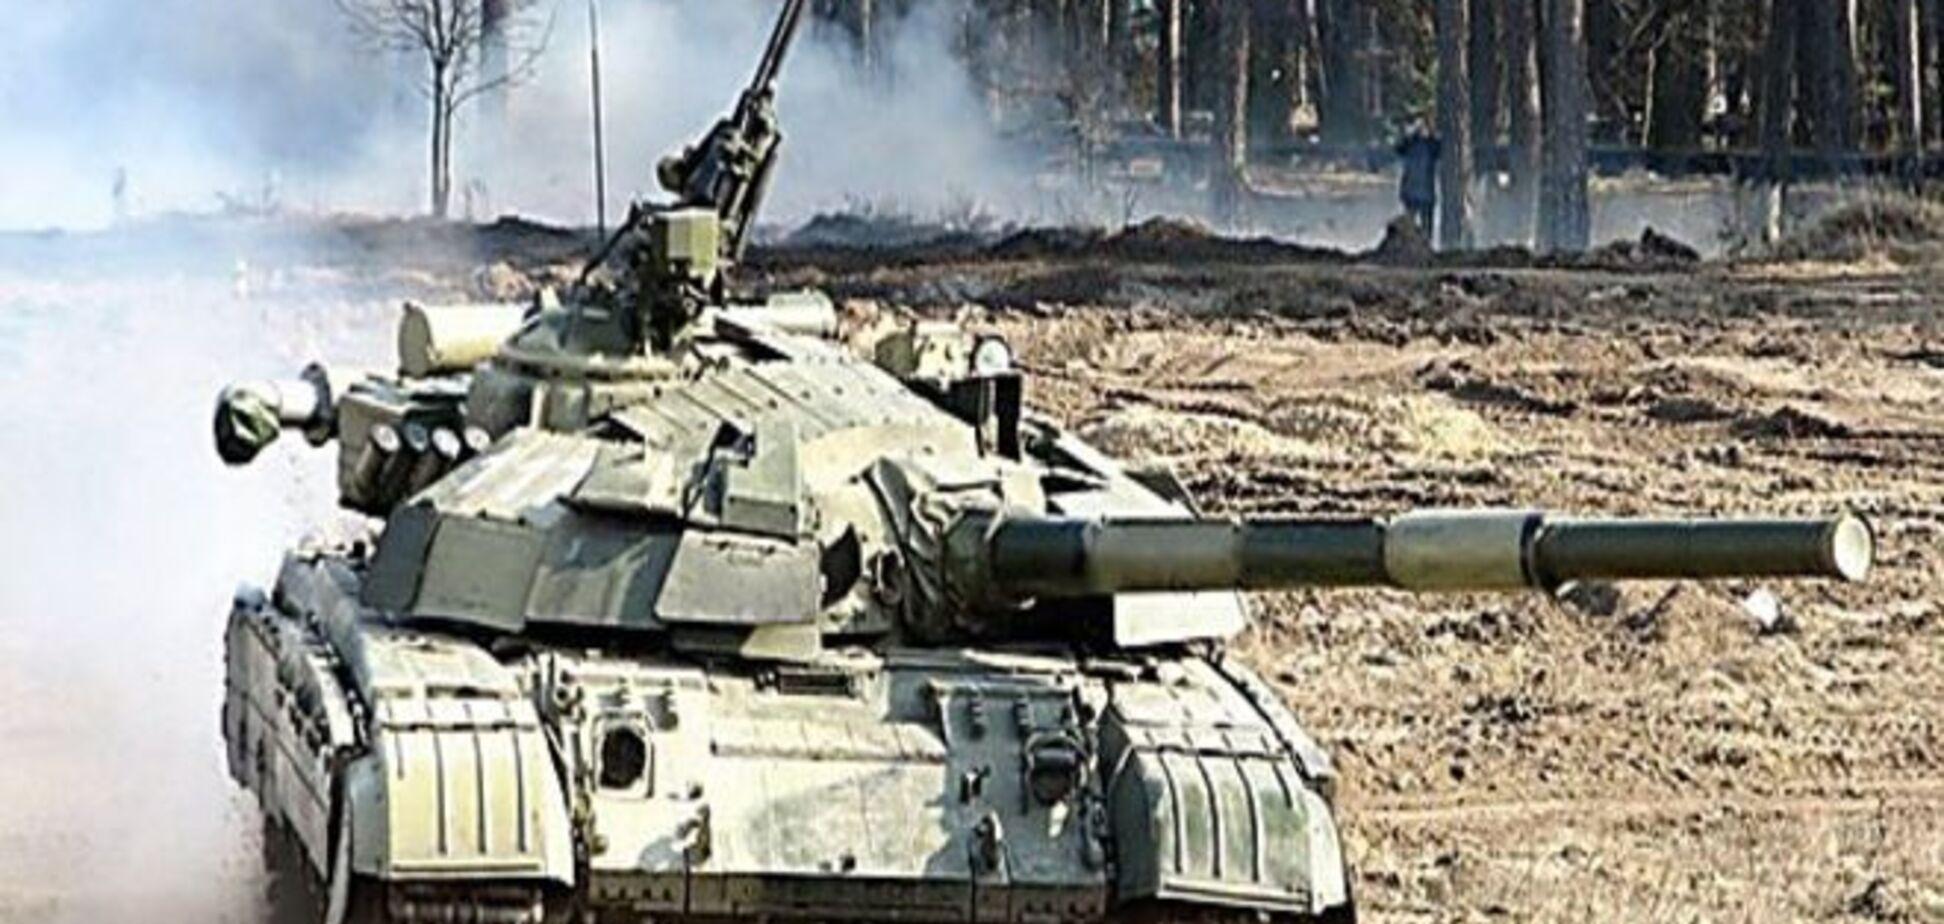 Бойцы АТО получили по 6 тыс. грн за захват вражеского танка